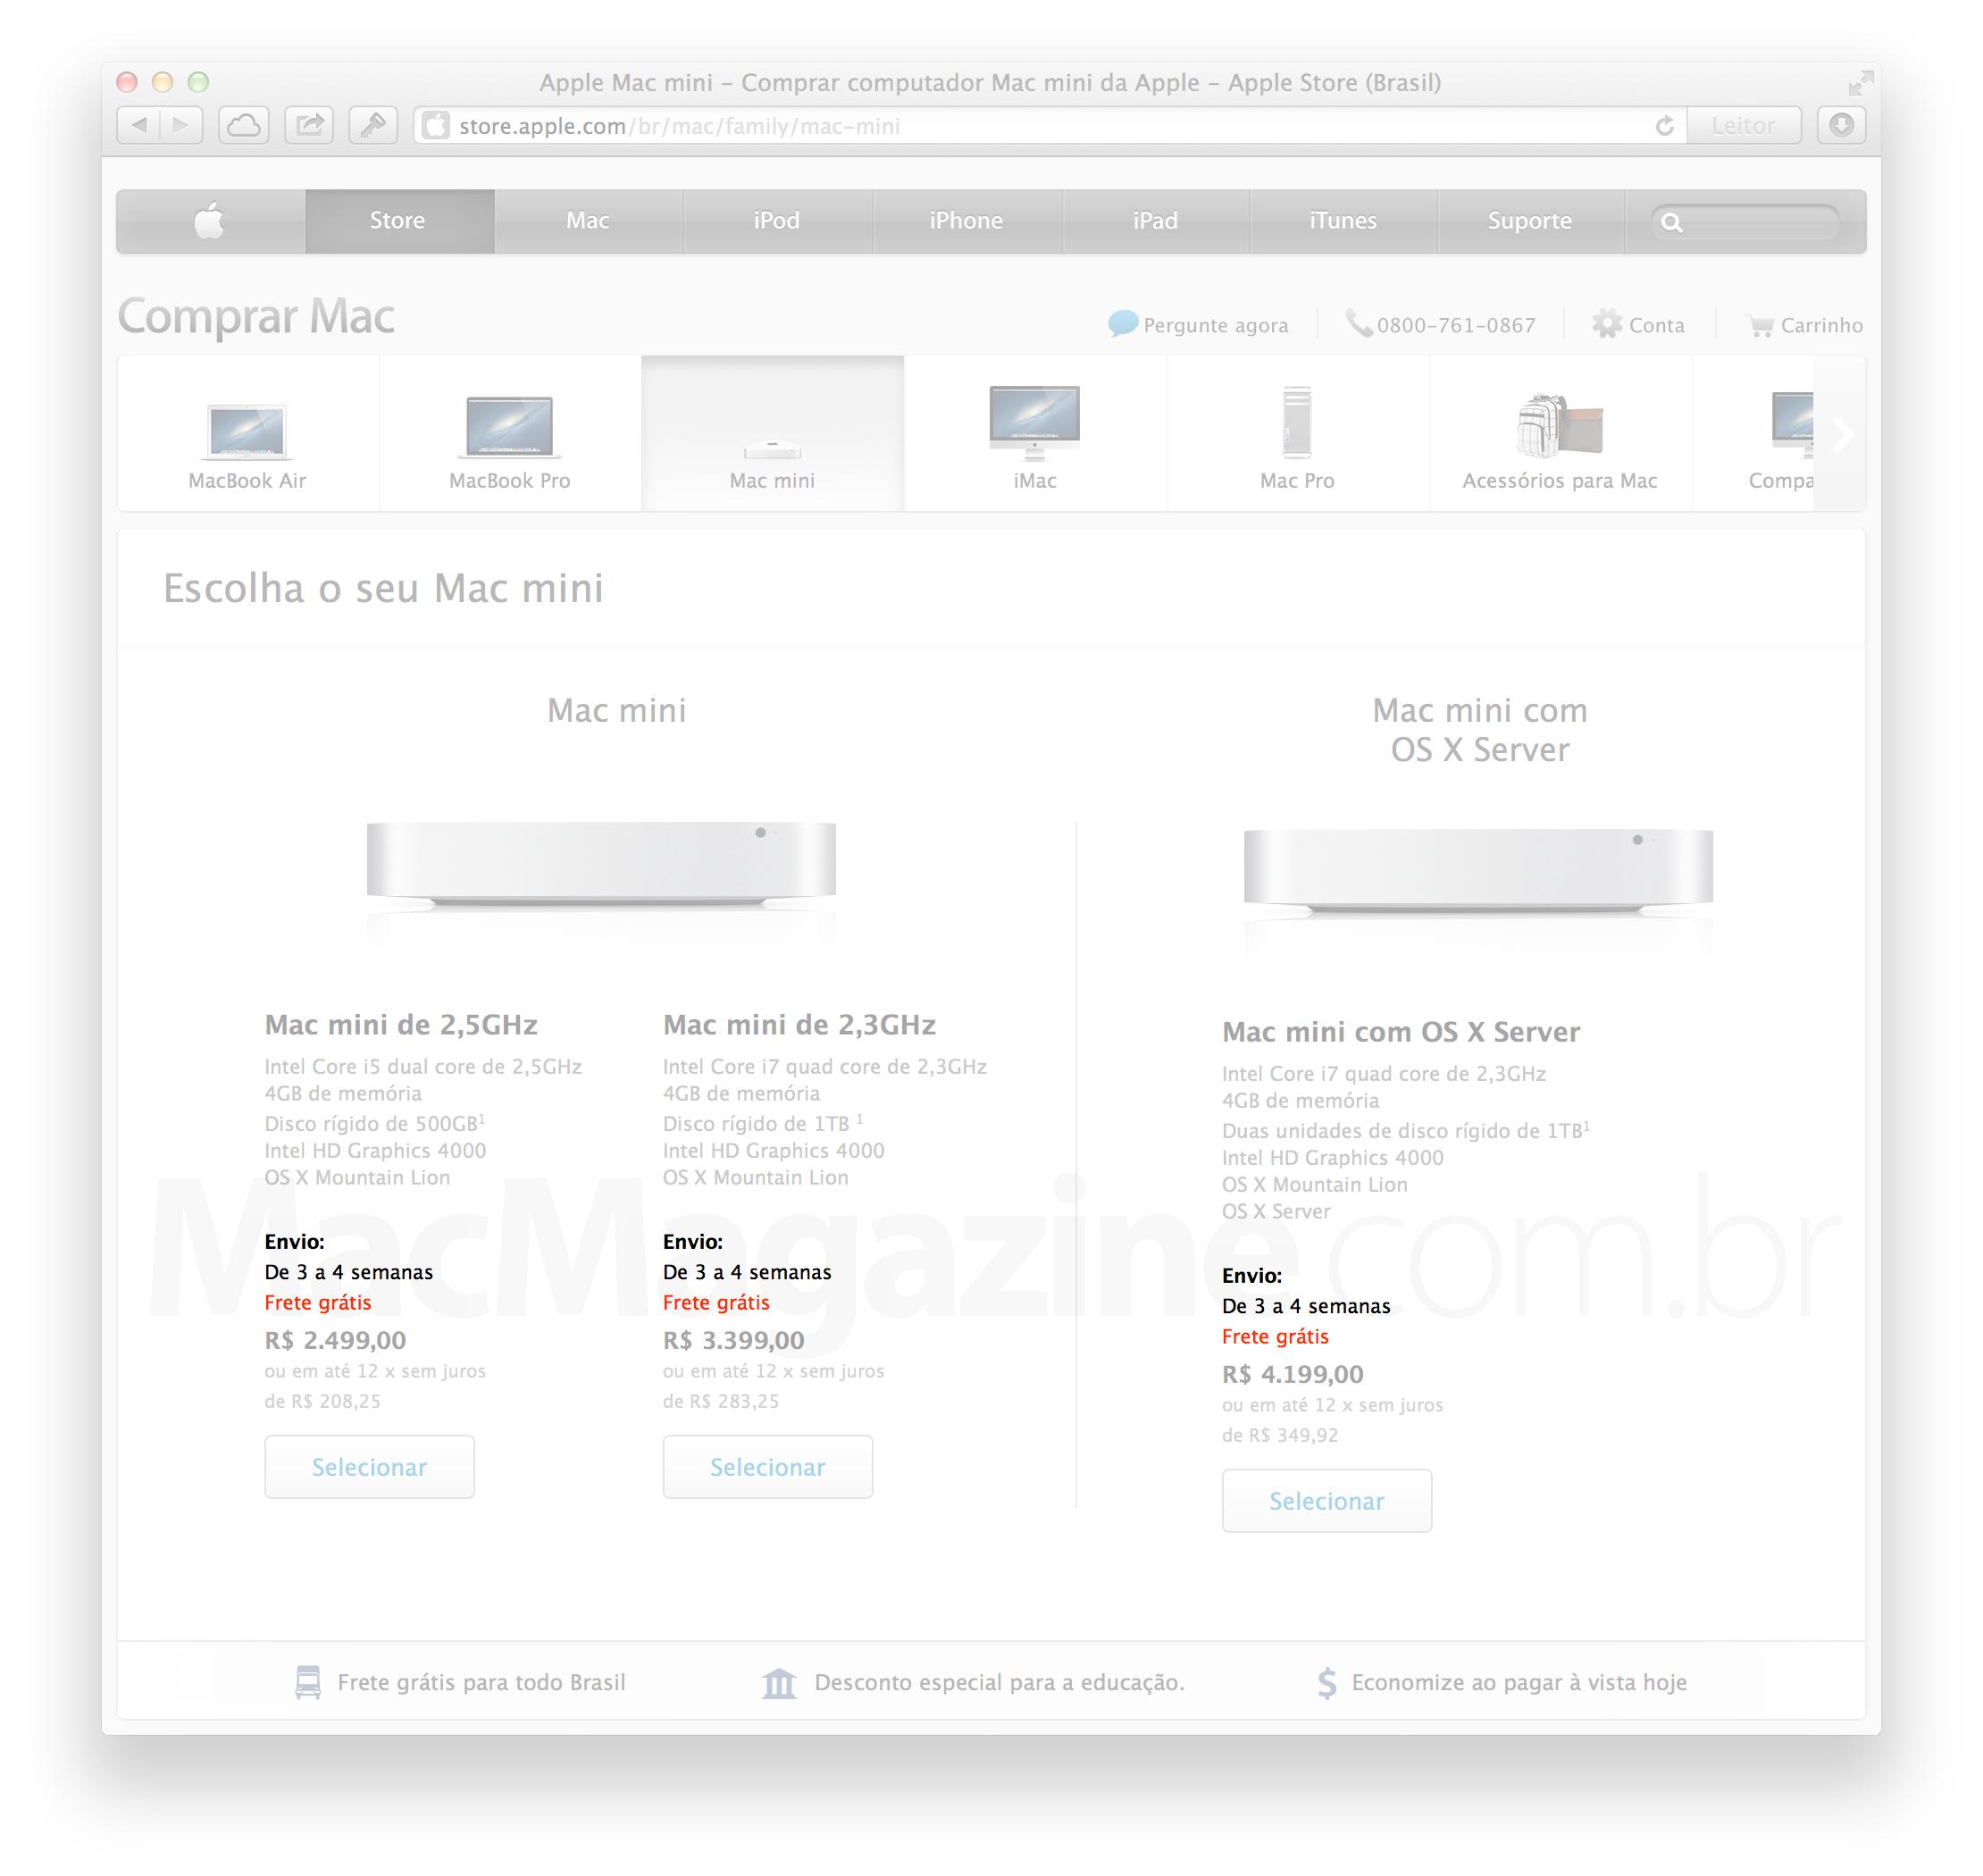 Prazo de entrega de Macs mini